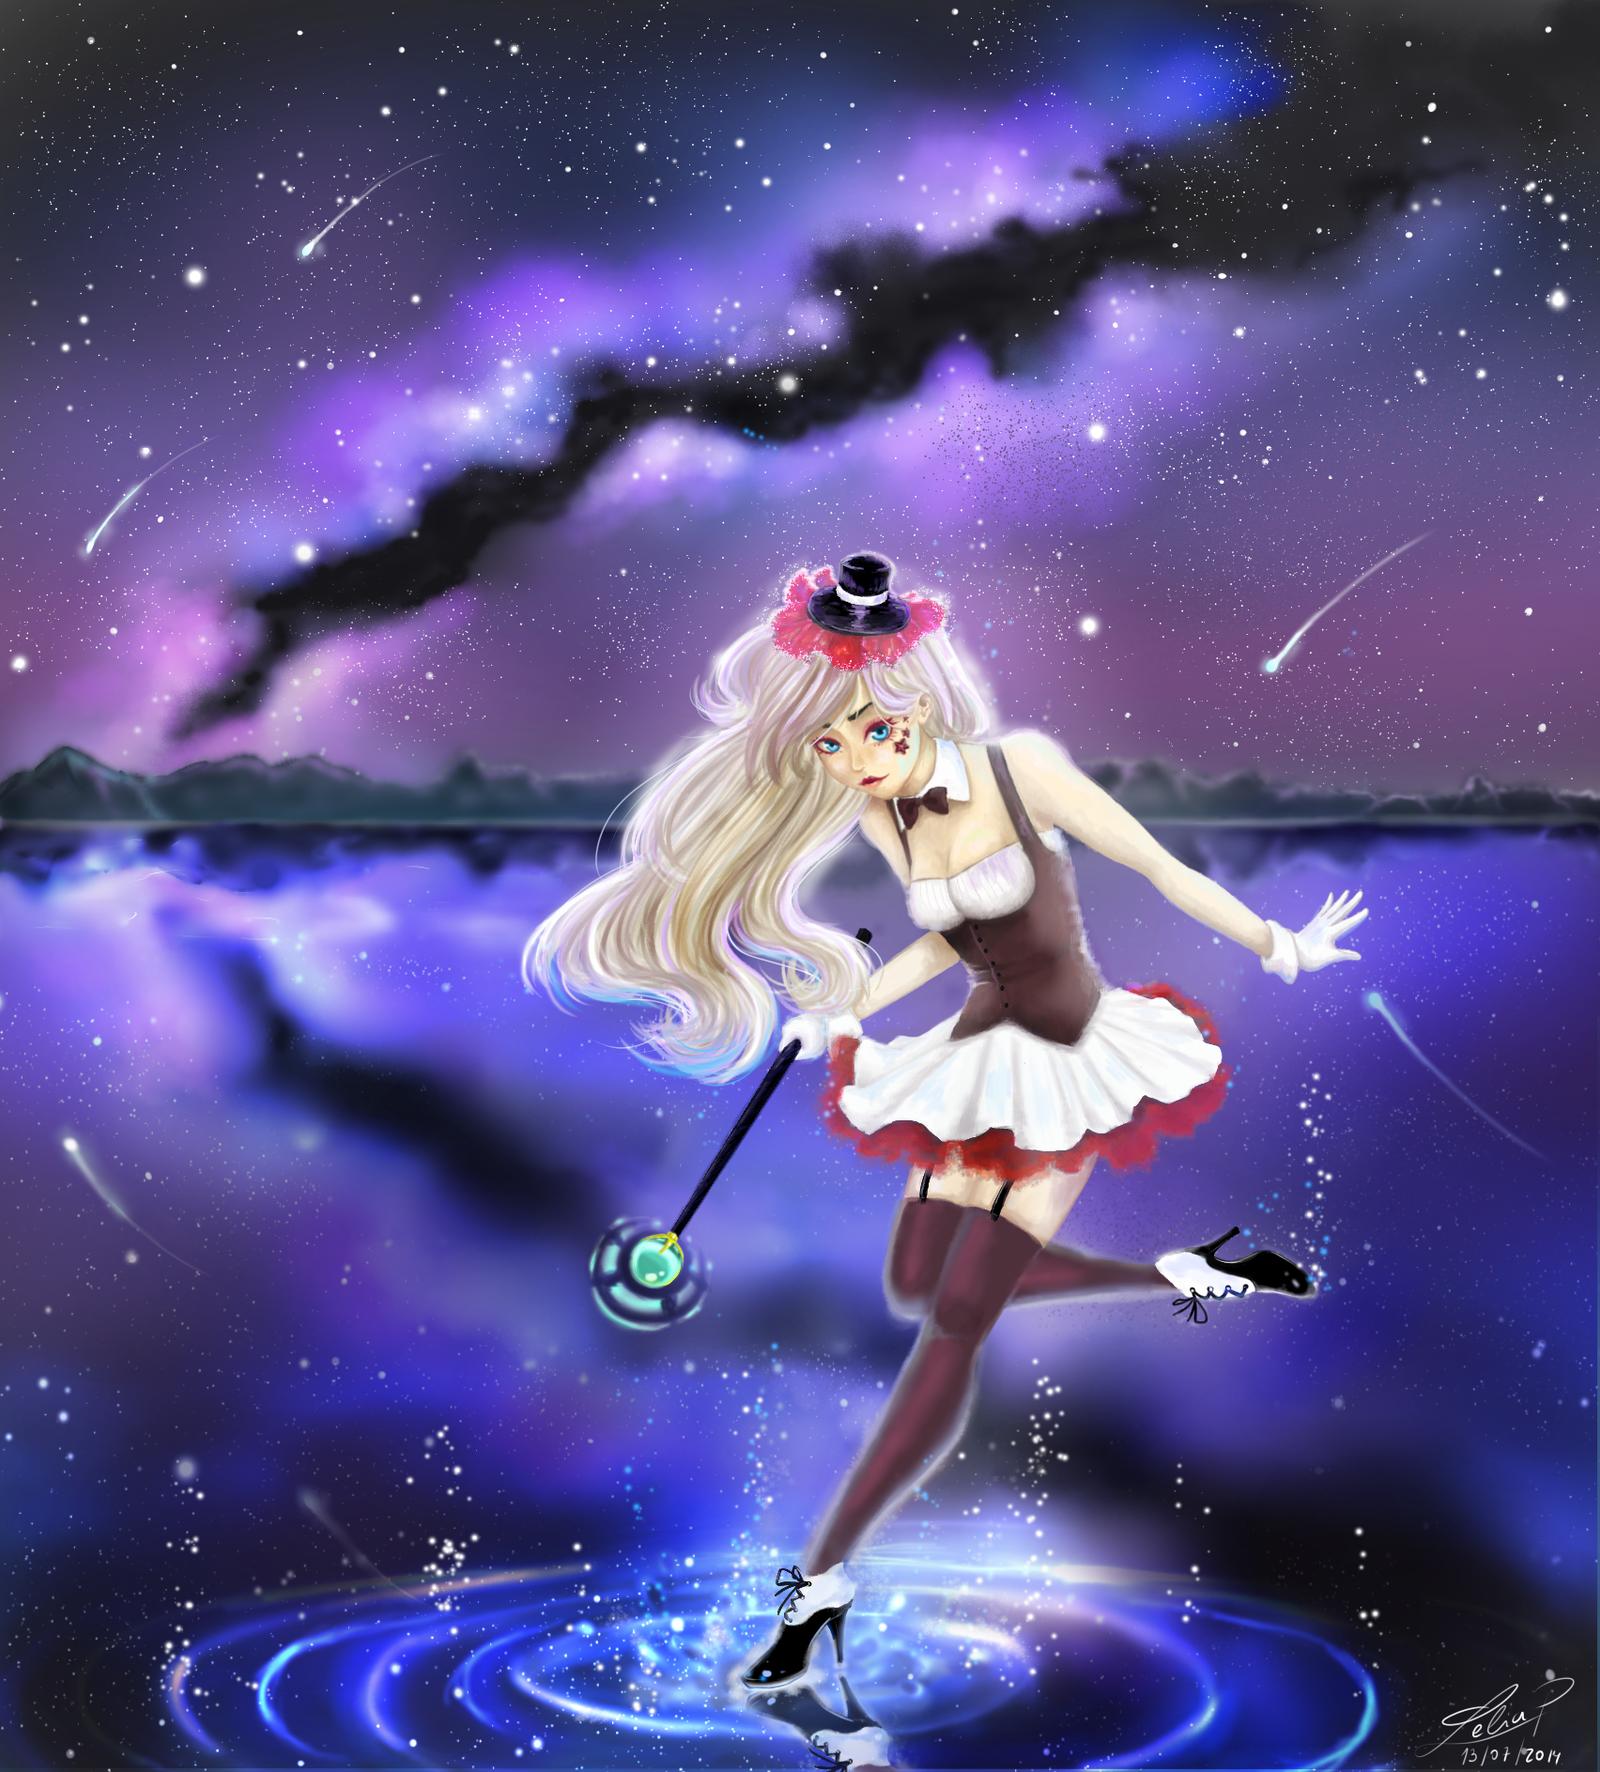 Magic steps by Leeeliaaa